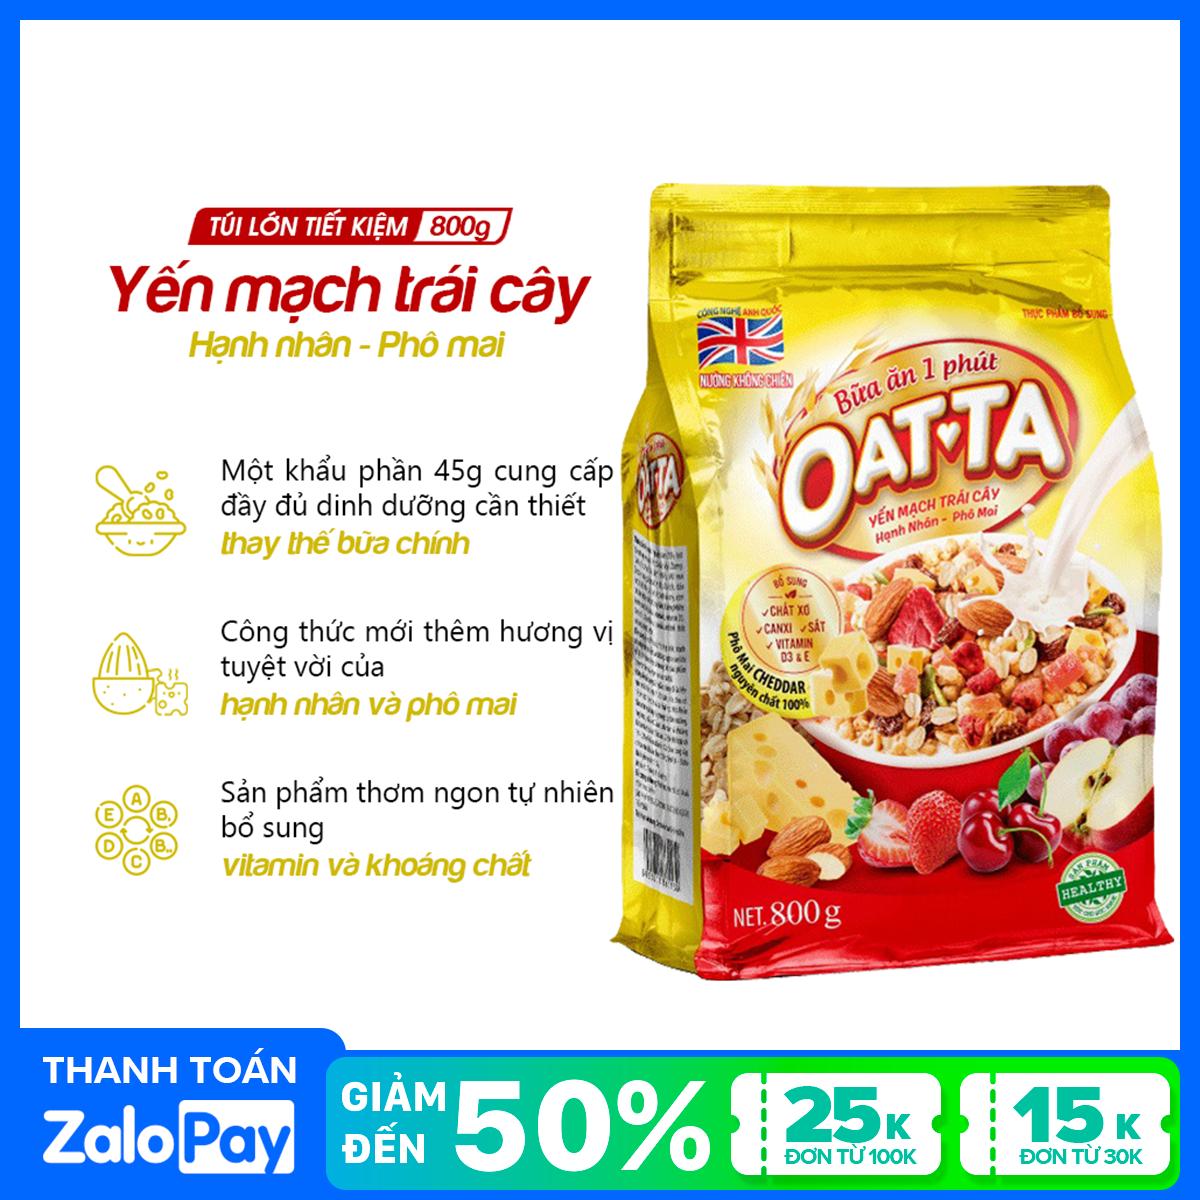 Yến mạch trái cây Hạnh nhân - Phô mai Oatta túi 800g (tặng kèm Yến mạch trái cây Oatta túi 300g)